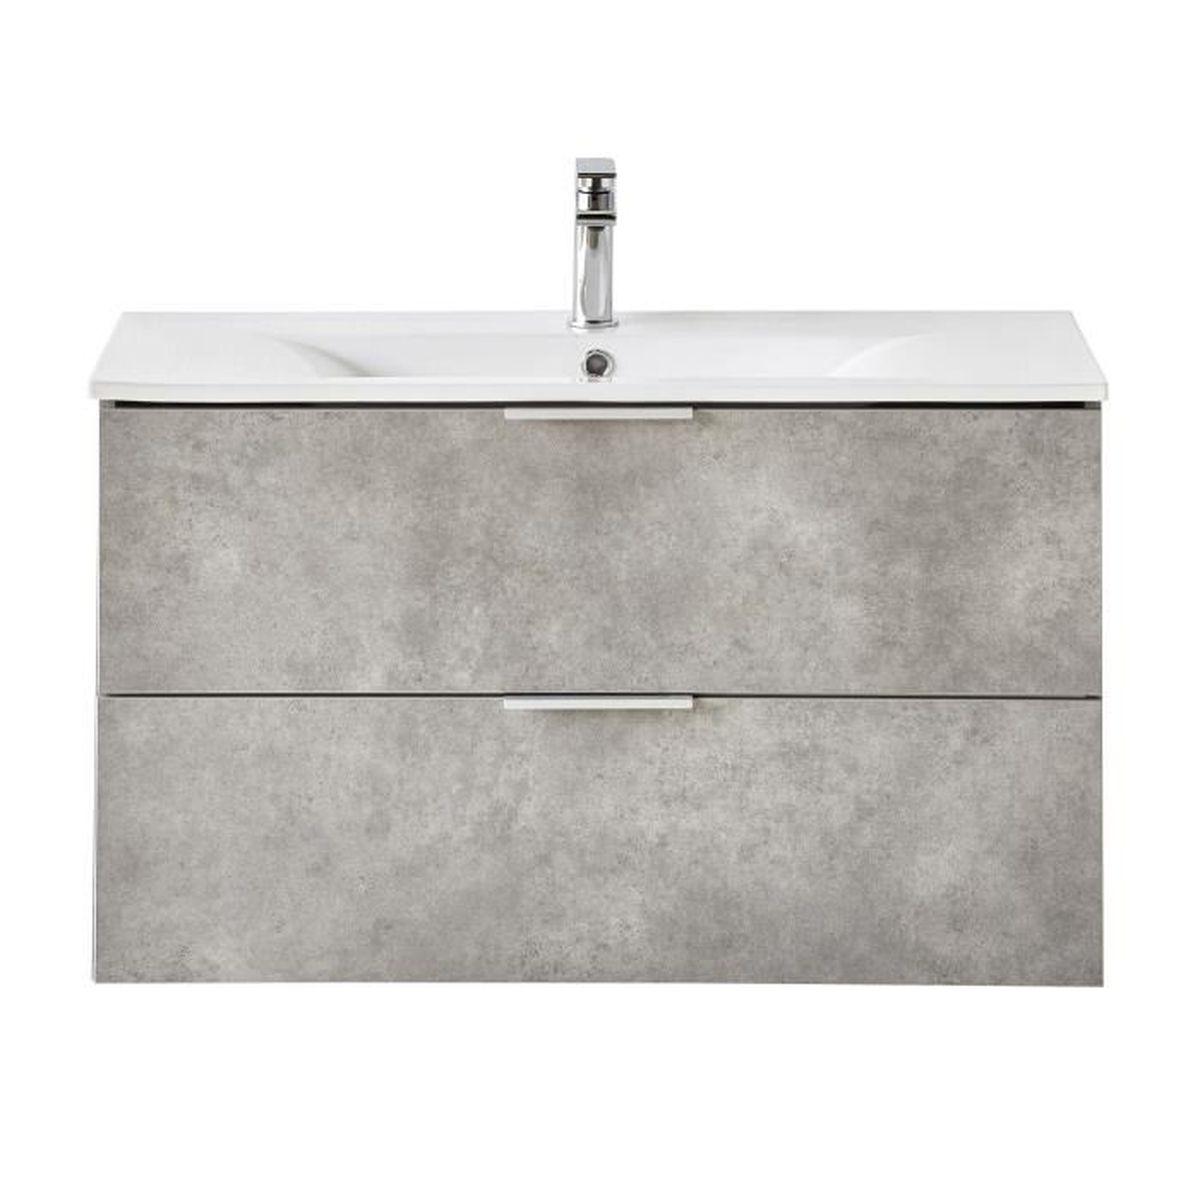 luxy meuble de salle de bains effet bton 90cm - Salle De Bain Effet Beton